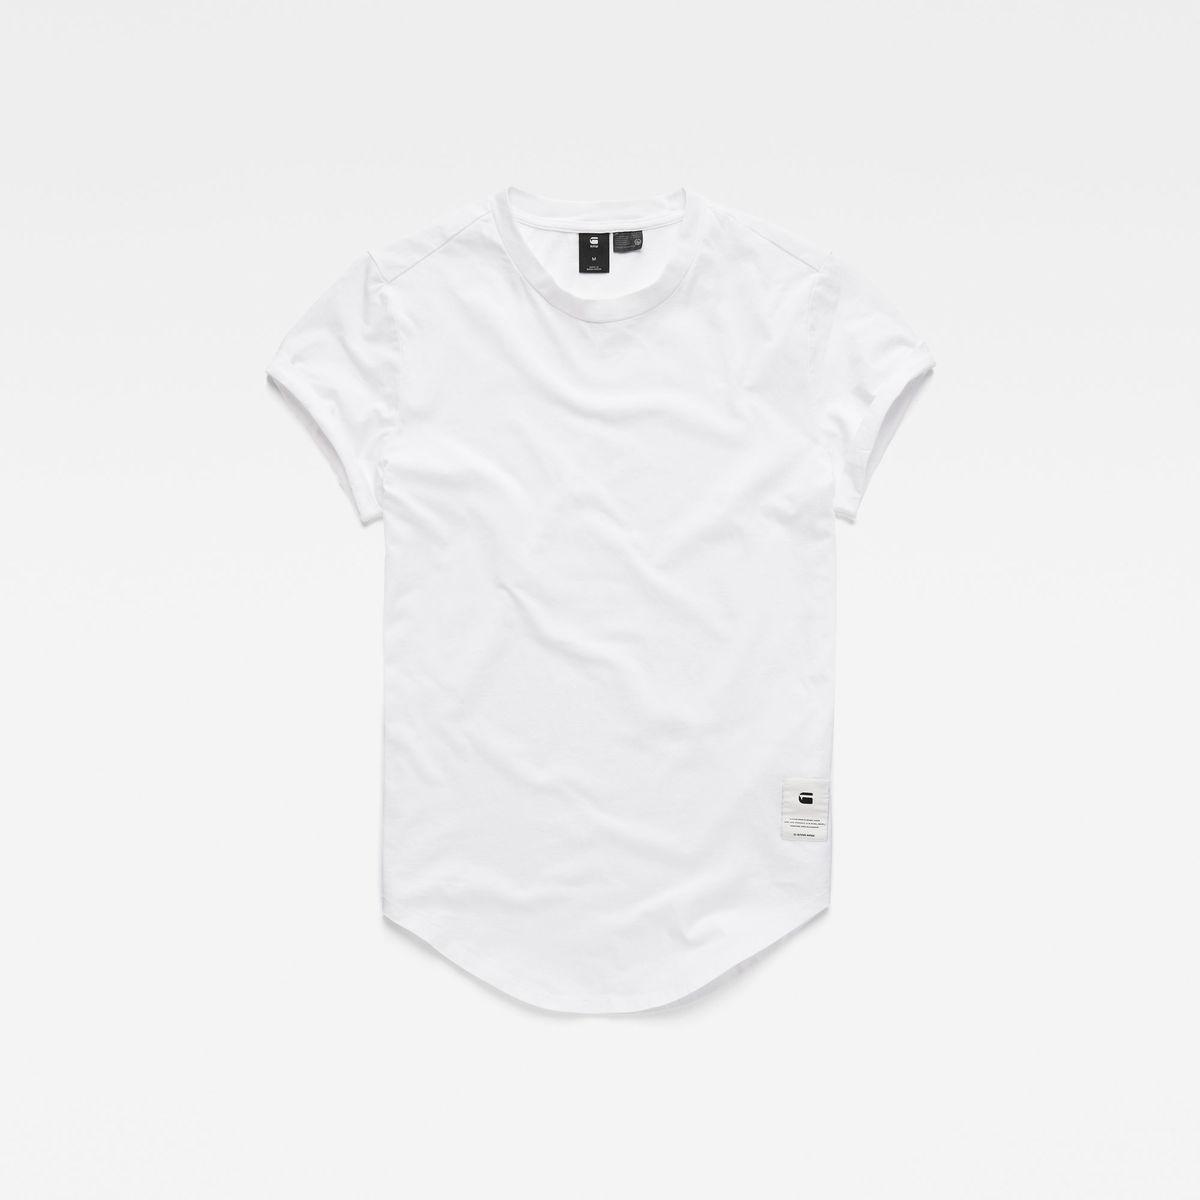 Bild 4 von Shelo Relaxed T-Shirt